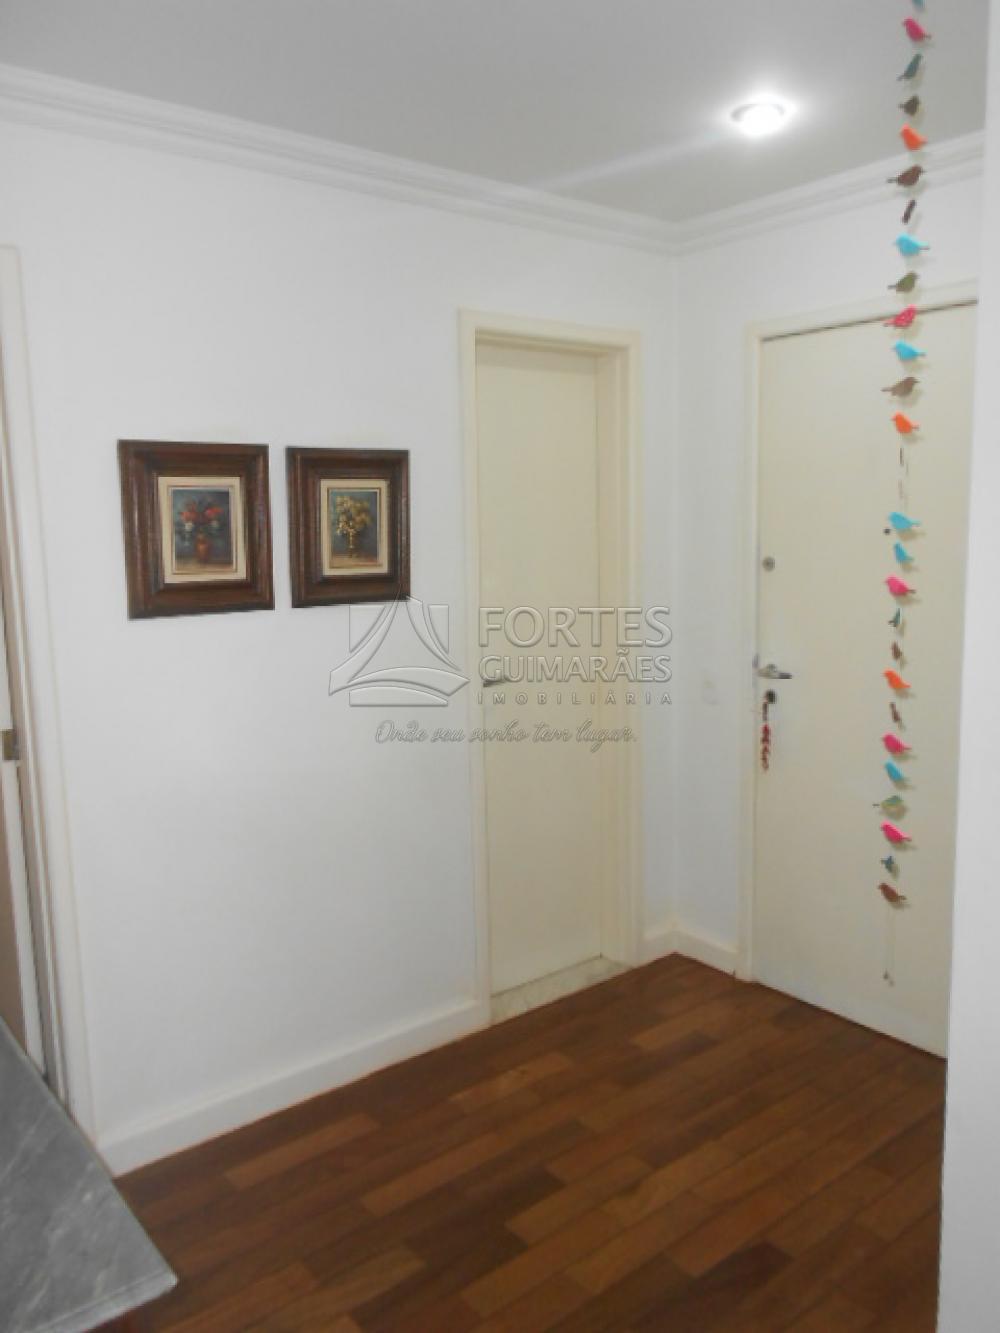 Alugar Apartamentos / Padrão em Ribeirão Preto apenas R$ 3.800,00 - Foto 2